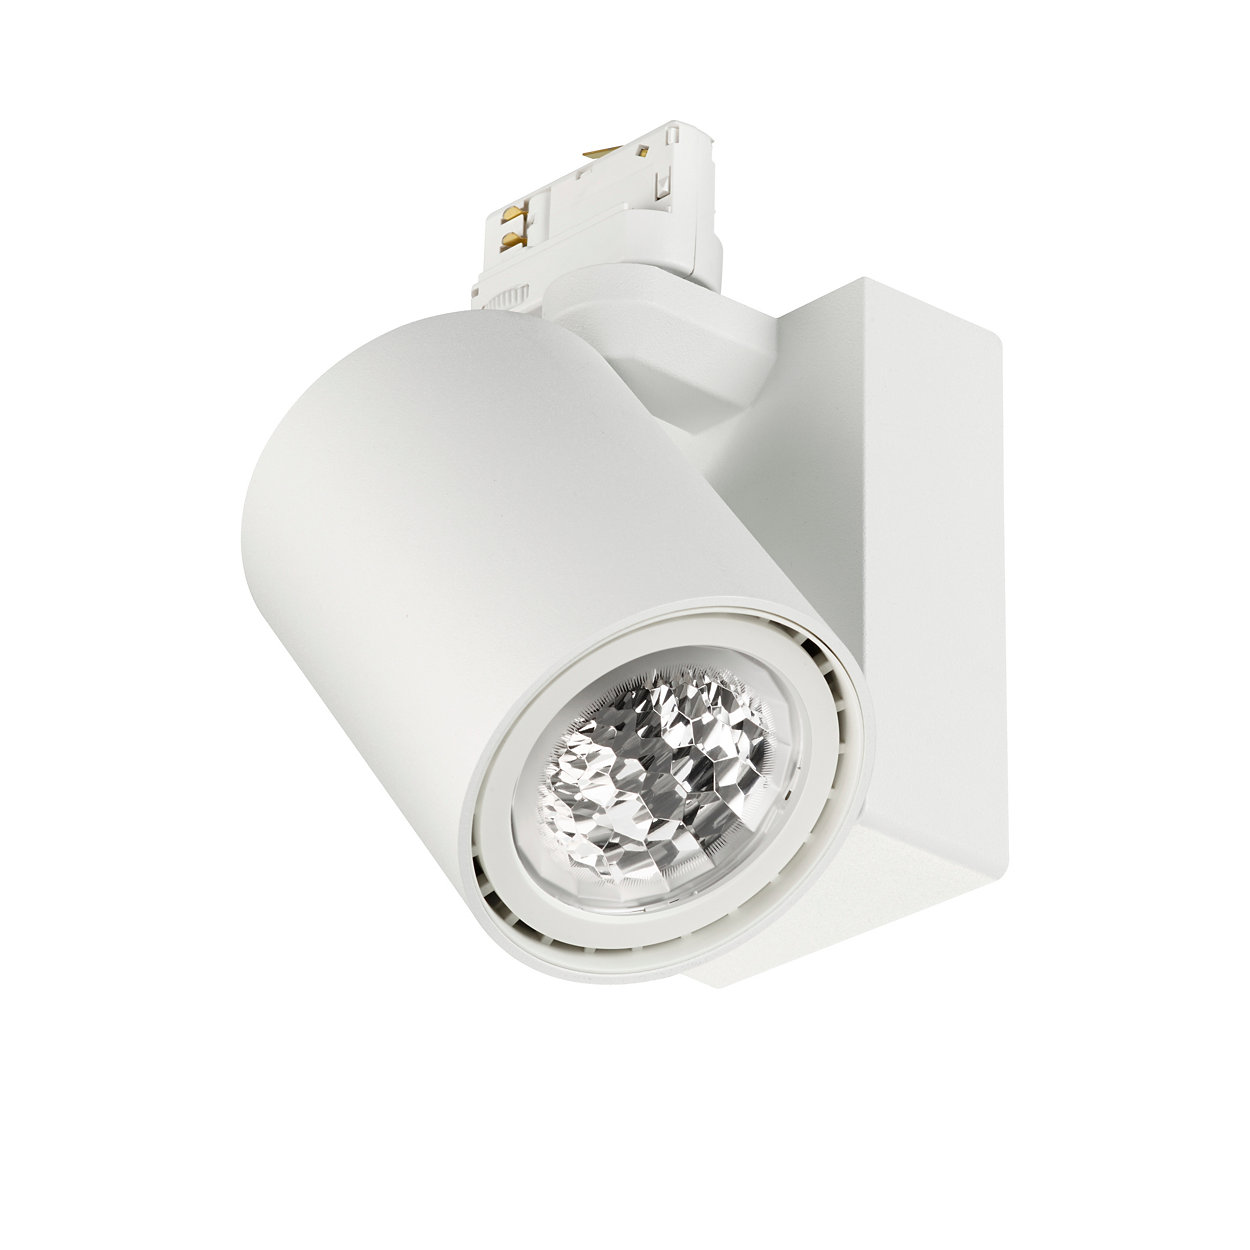 ProAir – en unikkombination av ljuskvalitet och effektivitet